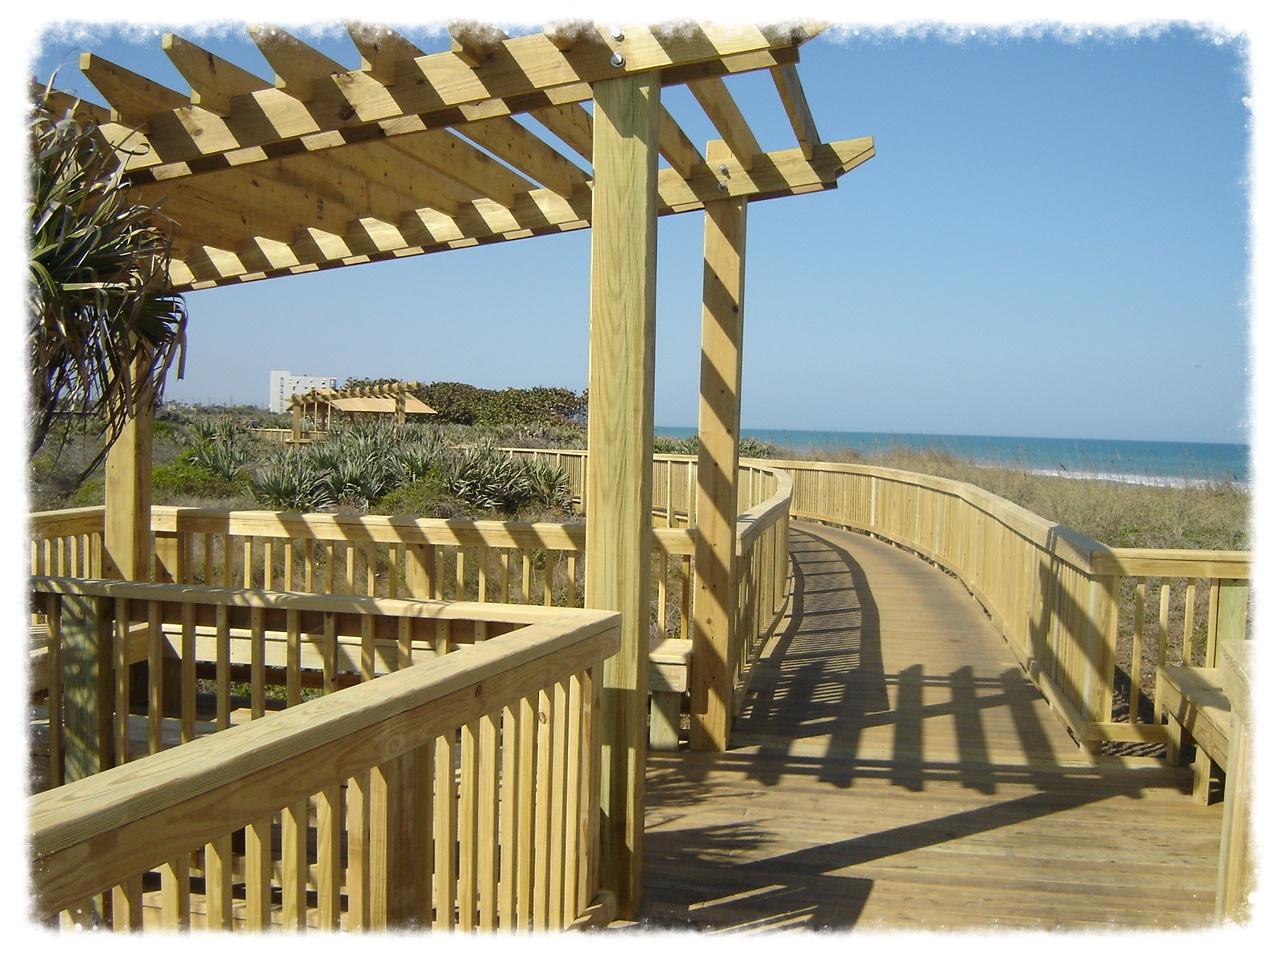 Boardwalk with Shade Trellis